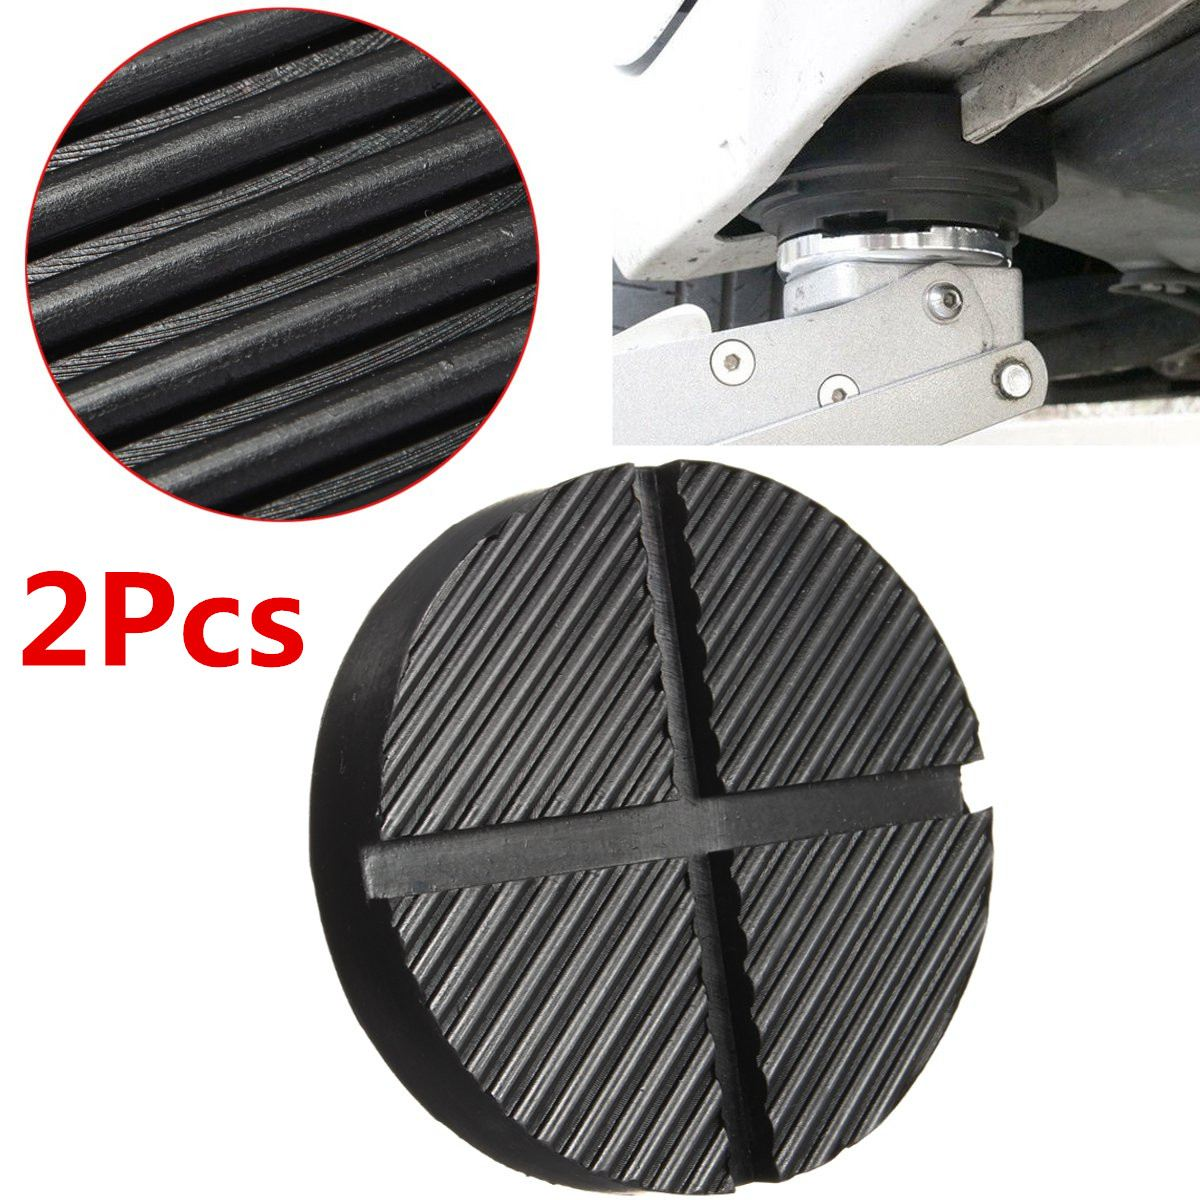 Высокое качество 2 шт. черный резиновый автомобильный Грузовик крест прорези Рамки Rail домкрат диск Pad инструмент адаптер ...